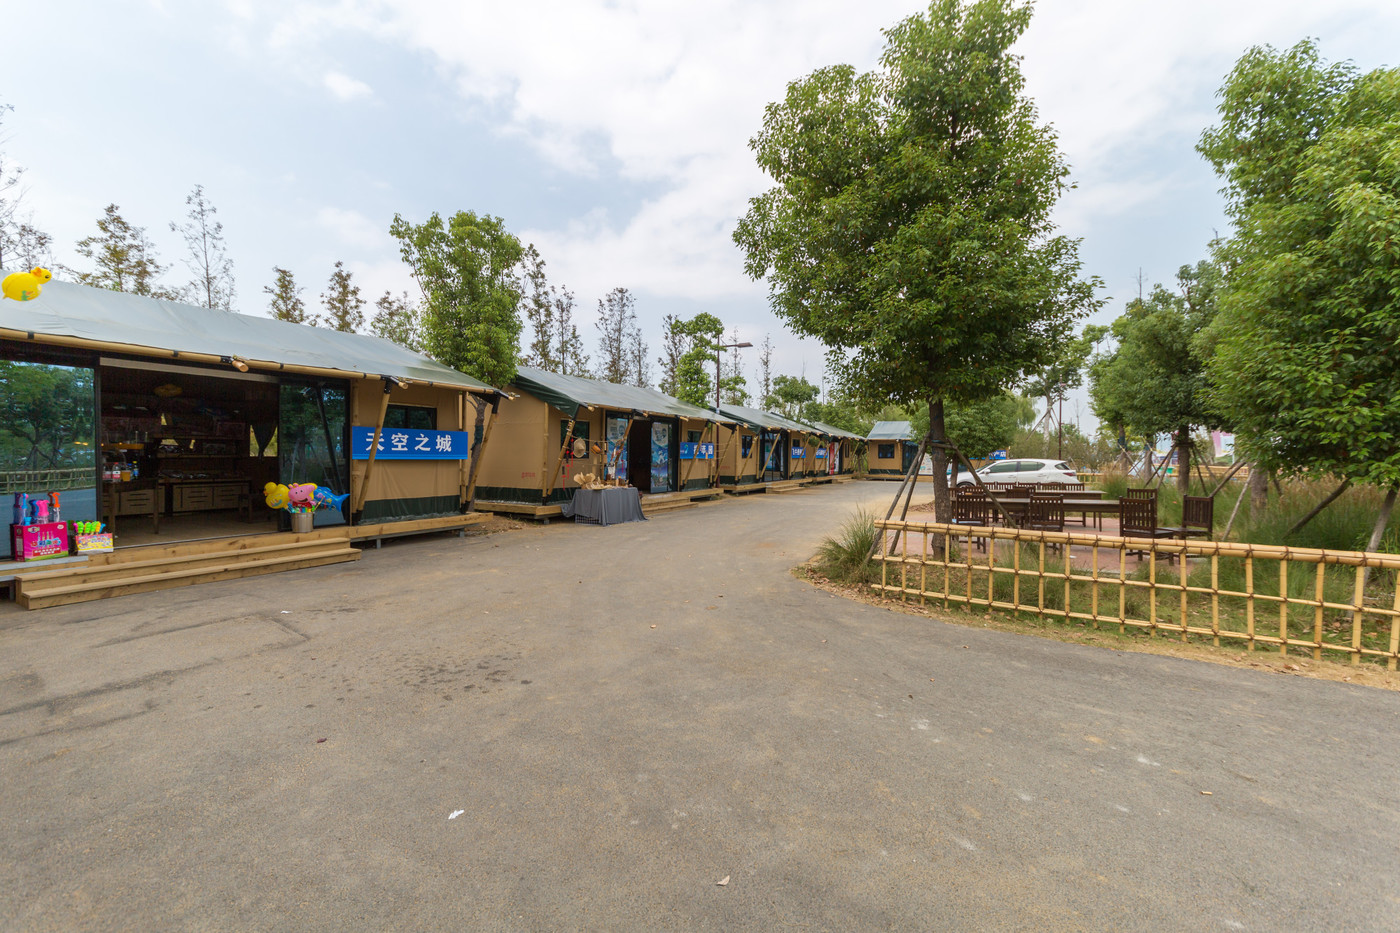 喜马拉雅野奢帐篷酒店—淮安白马湖度假区商铺7